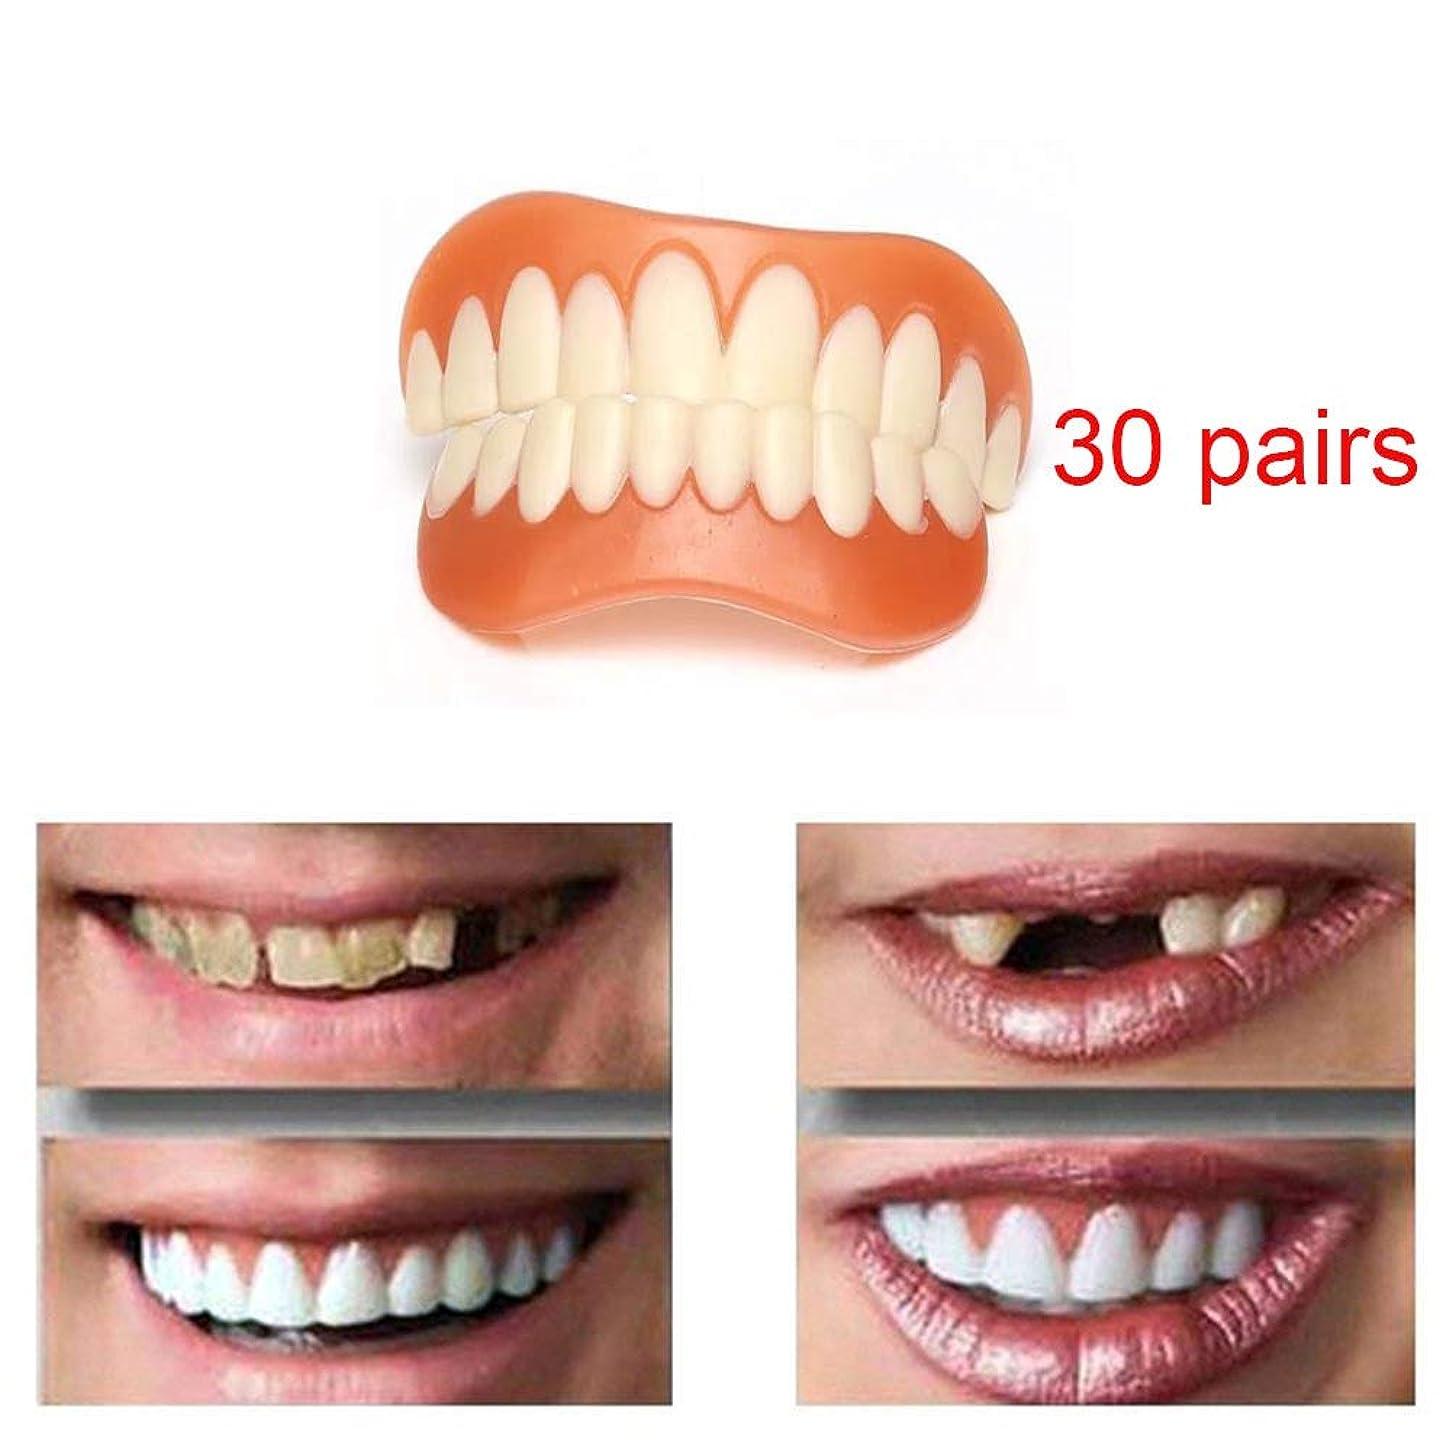 砂マークされた静的30ペアパーフェクトスマイルベニヤダブ在庫あり上下用美容ツール歯用男性女性ナチュラル化粧品フェイク歯カバー矯正ツール